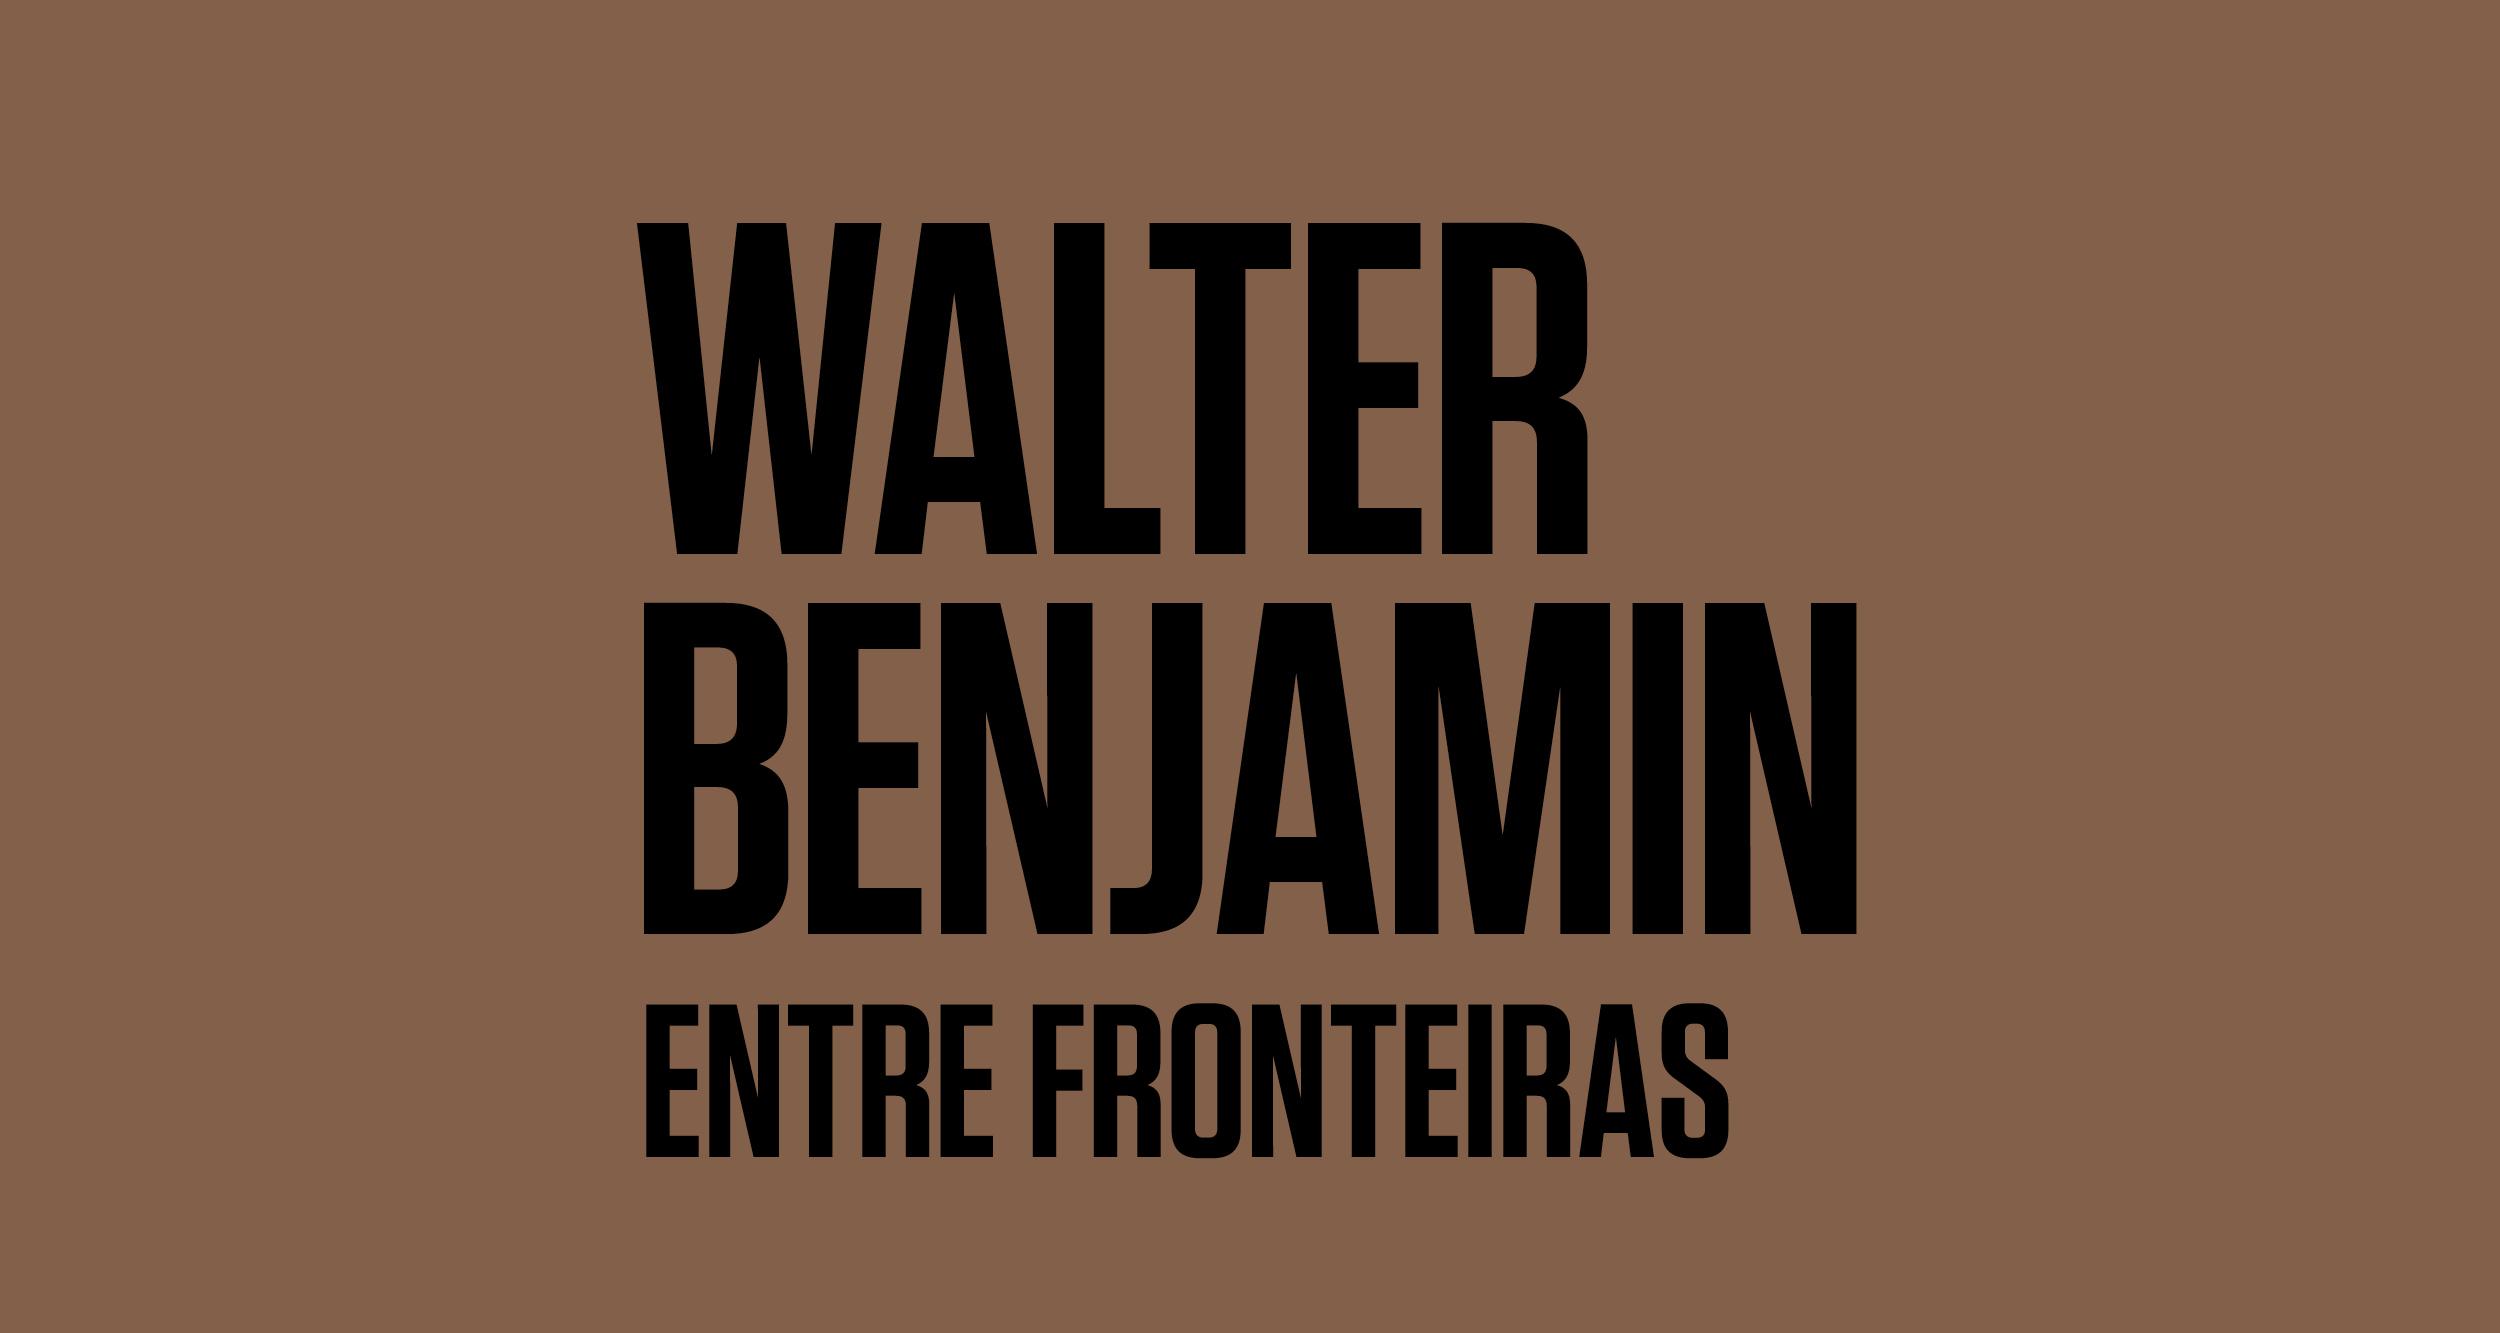 Walter Benjamin entre fronteiras